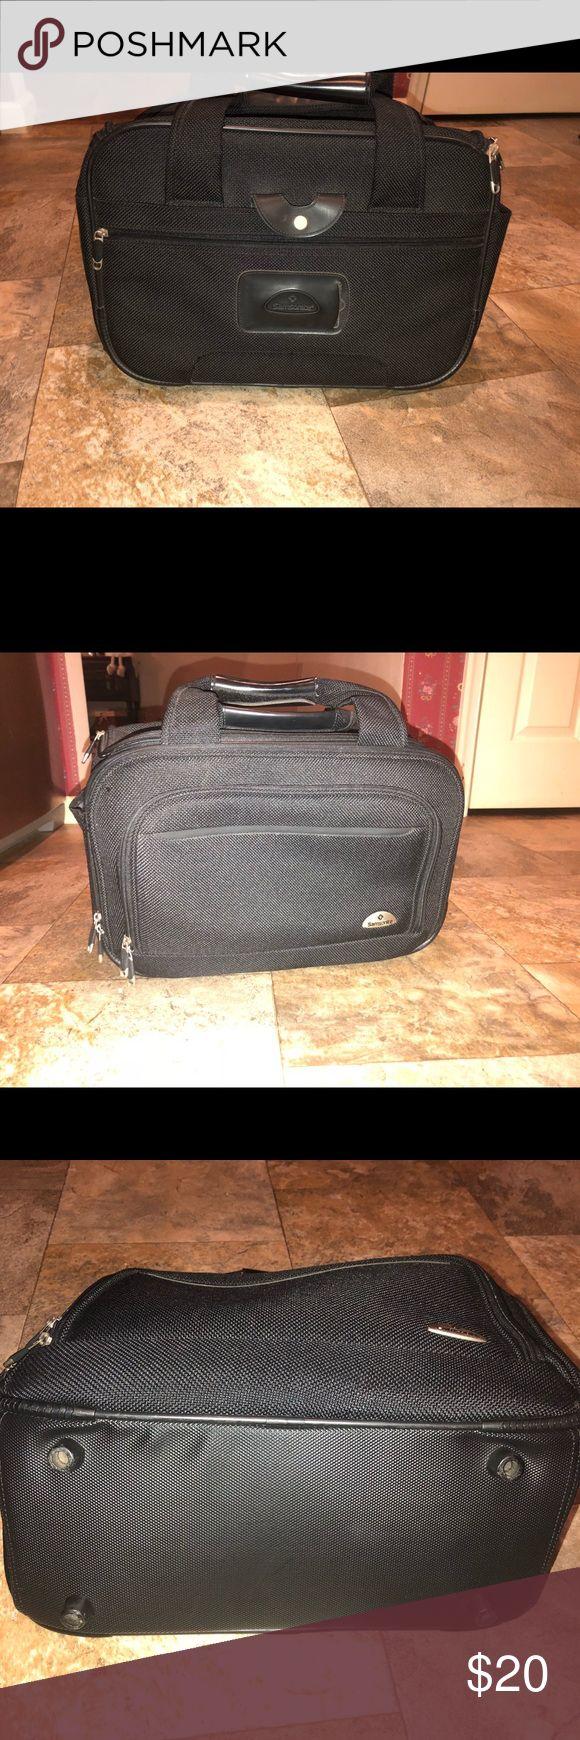 Samsonite carry on Luggage Bag Euc Samsonite carry on Luggage Bag Euc minor ware shown in pictures   Approx measurements 17/11/7 inches Samsonite Bags Travel Bags